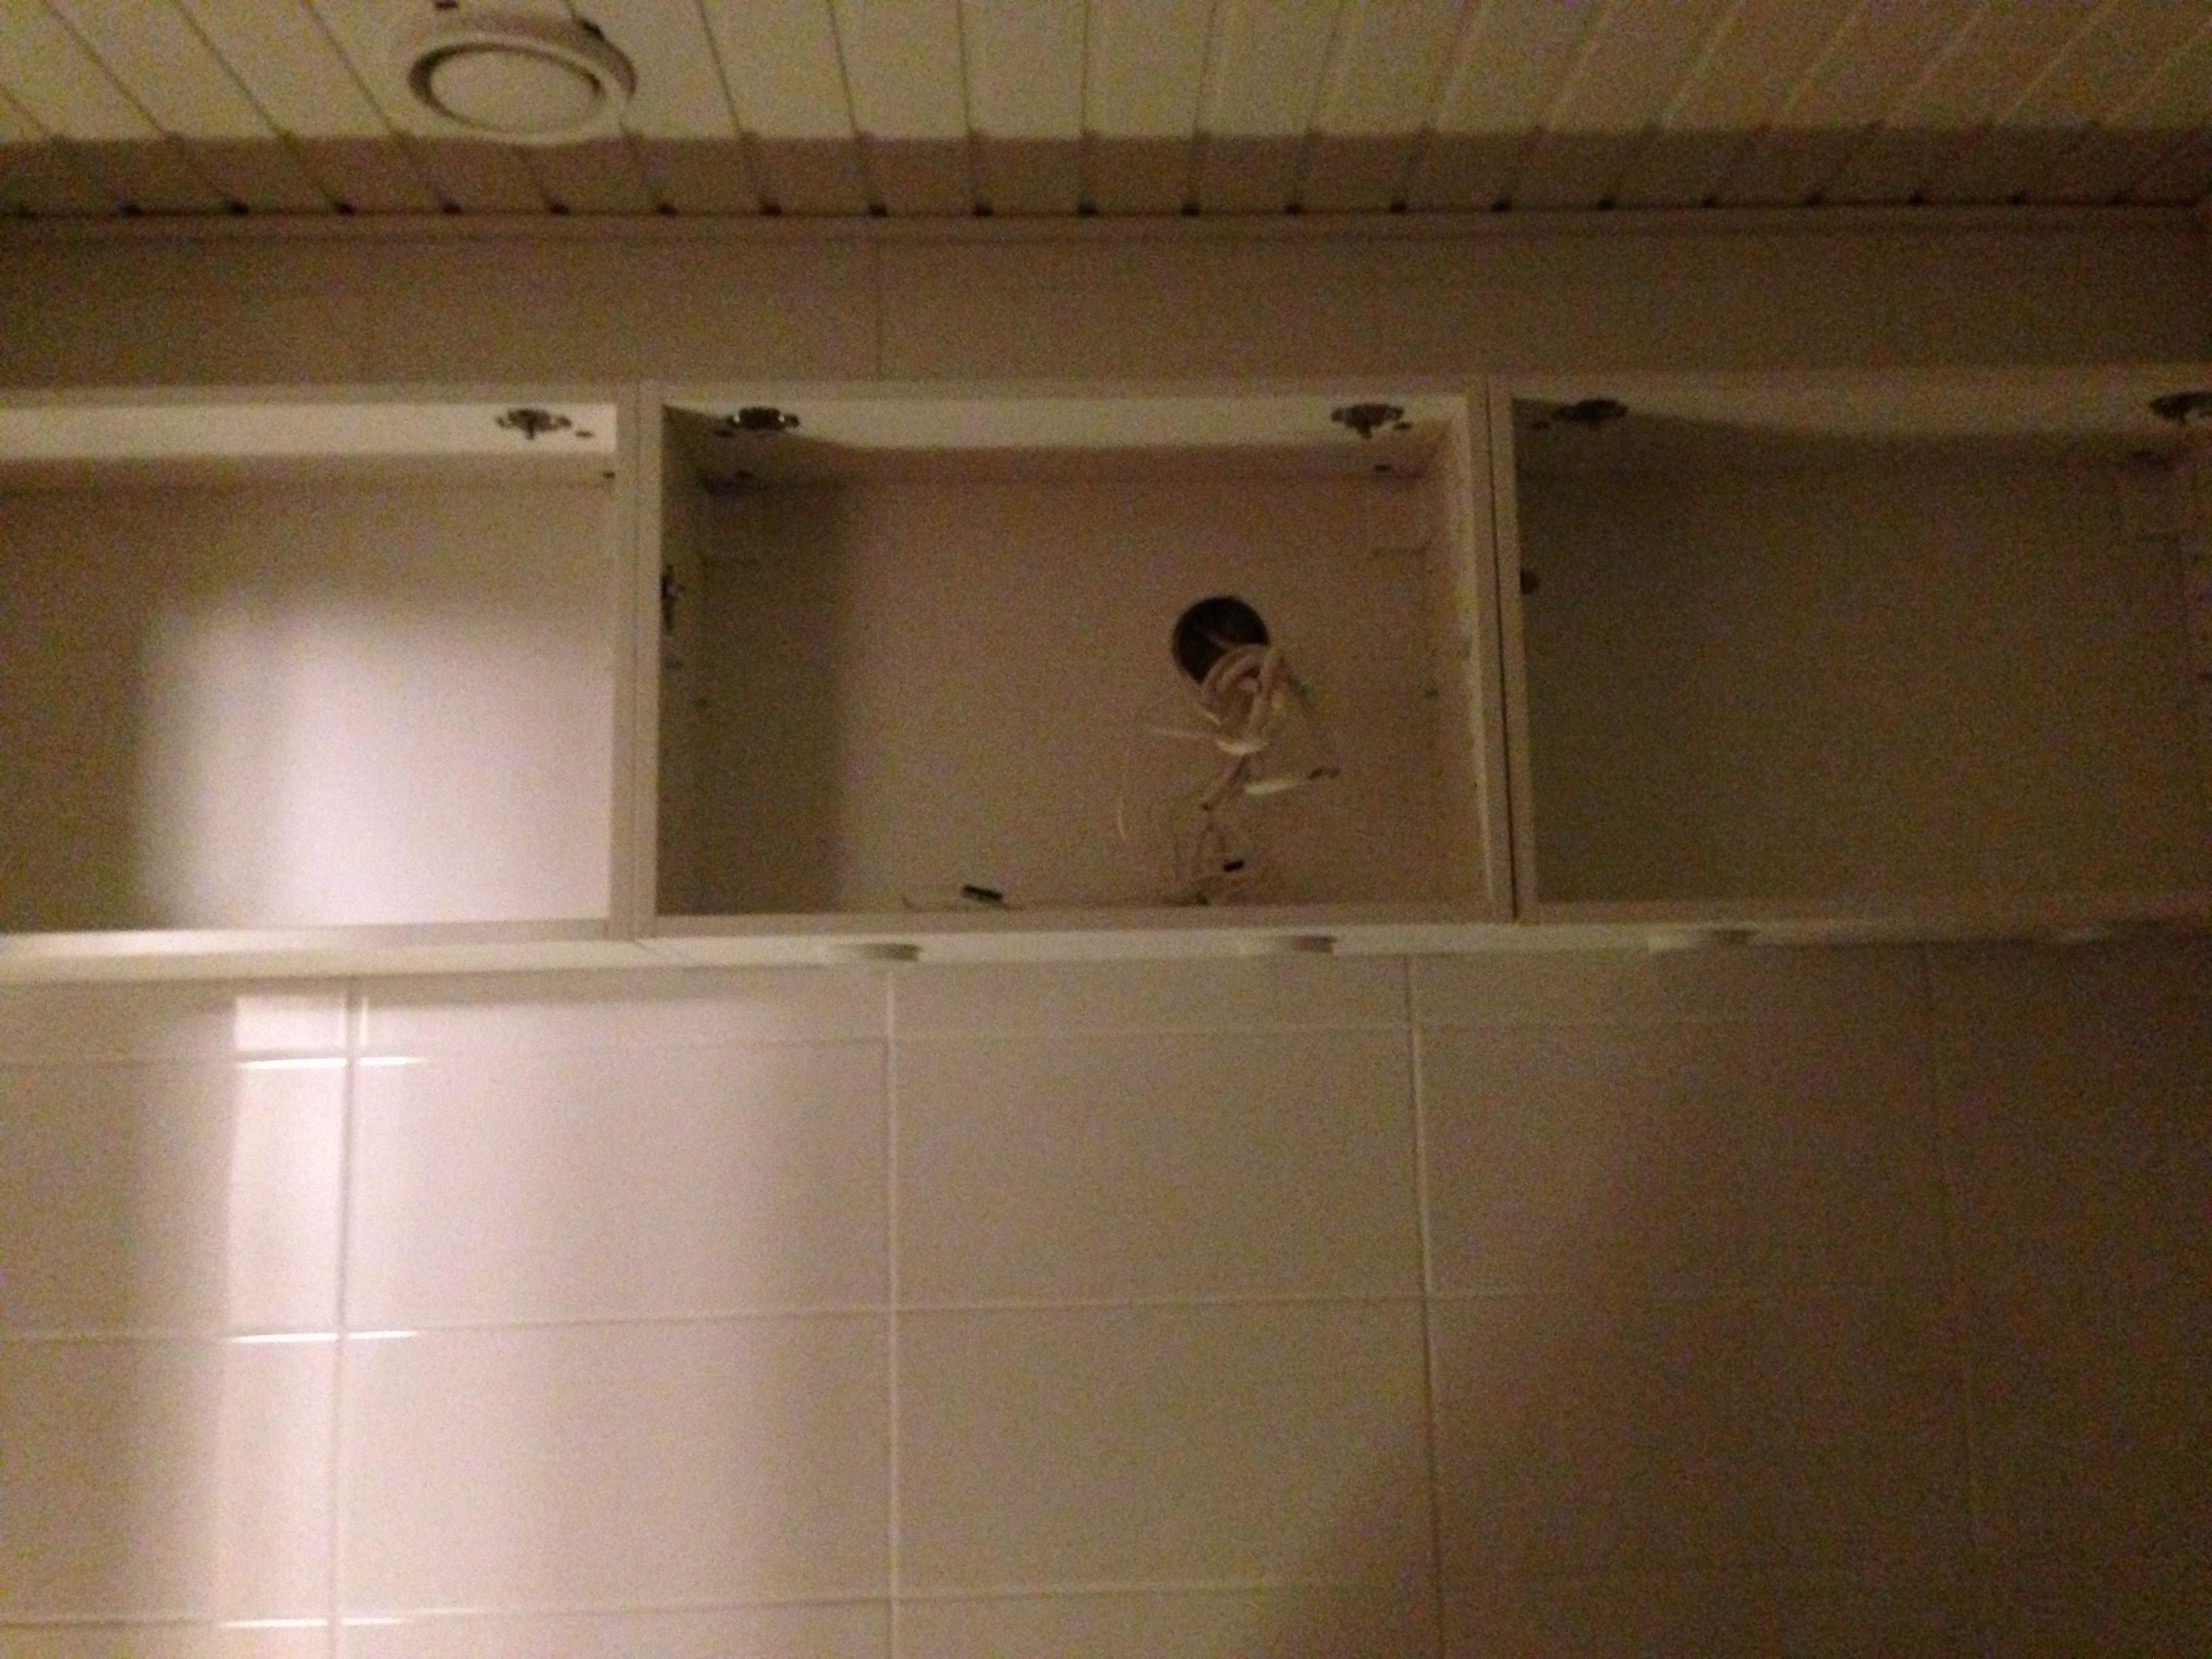 Kylpyhuoneen kalustesuunnitelma ja toteutus – Visuilulla